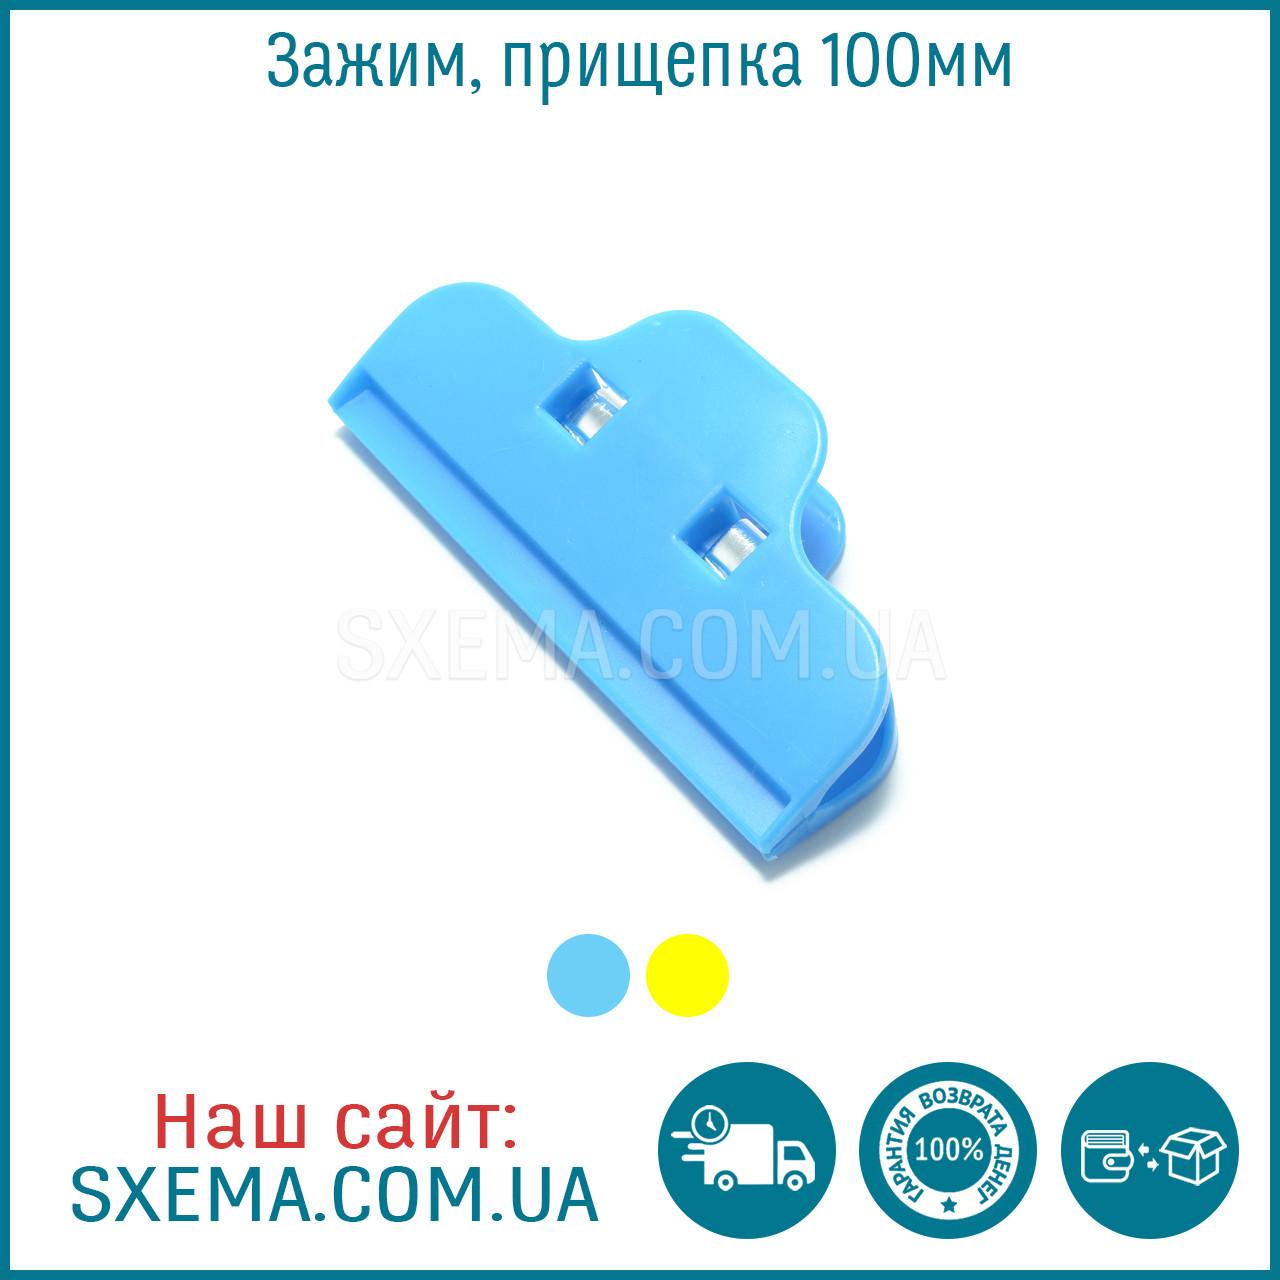 Зажим, прищепка для фиксации сенсоров и модулей при их поклейке 100мм